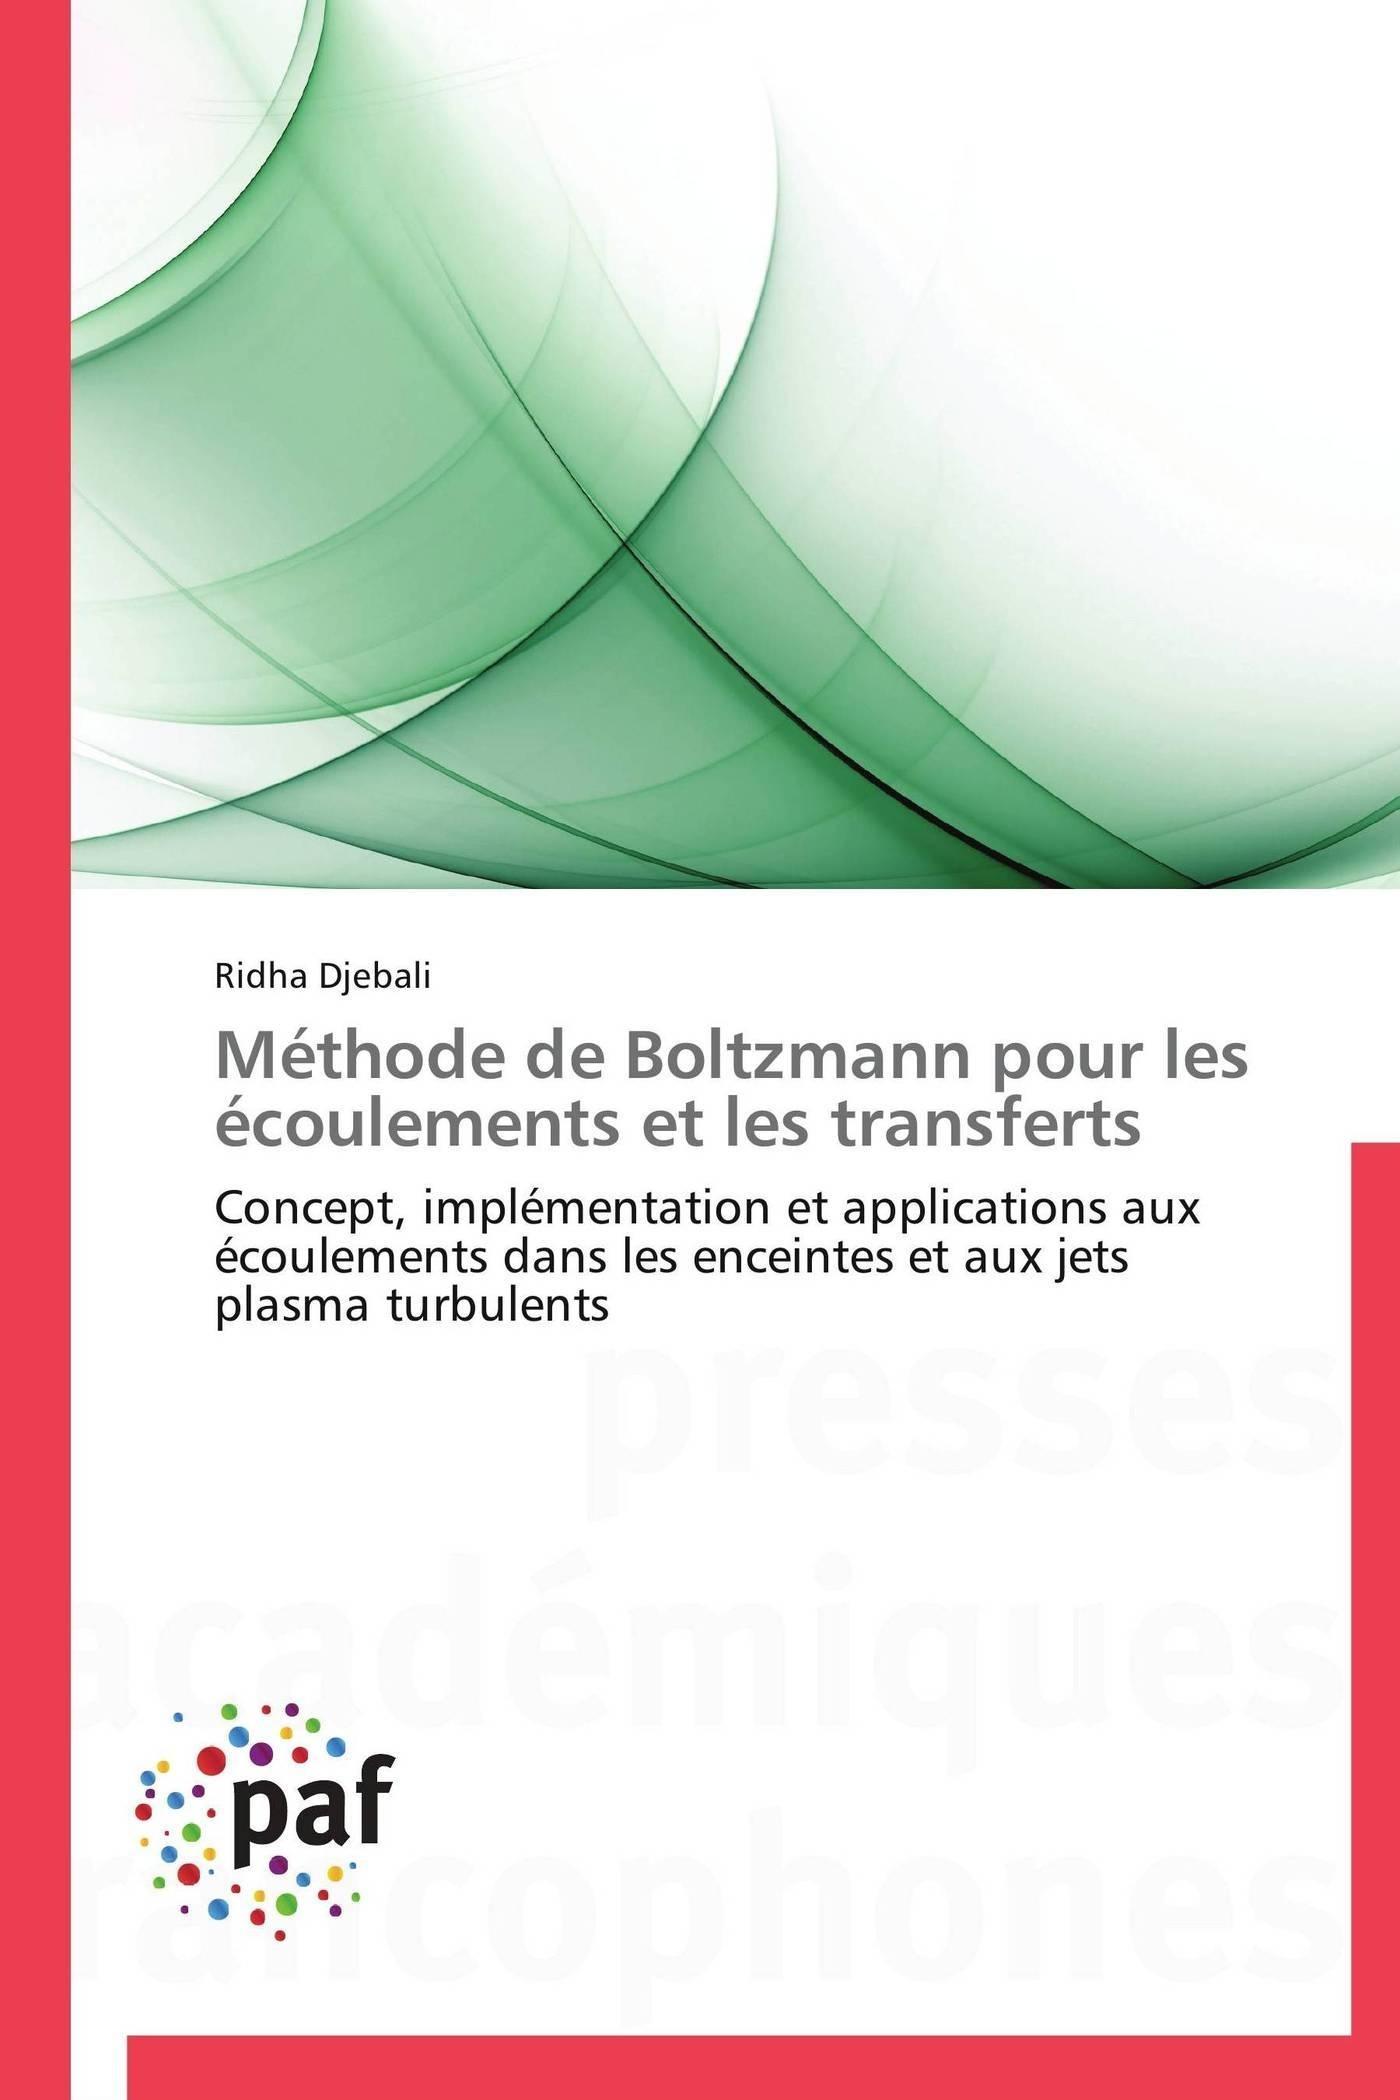 METHODE DE BOLTZMANN POUR LES ECOULEMENTS ET LES TRANSFERTS